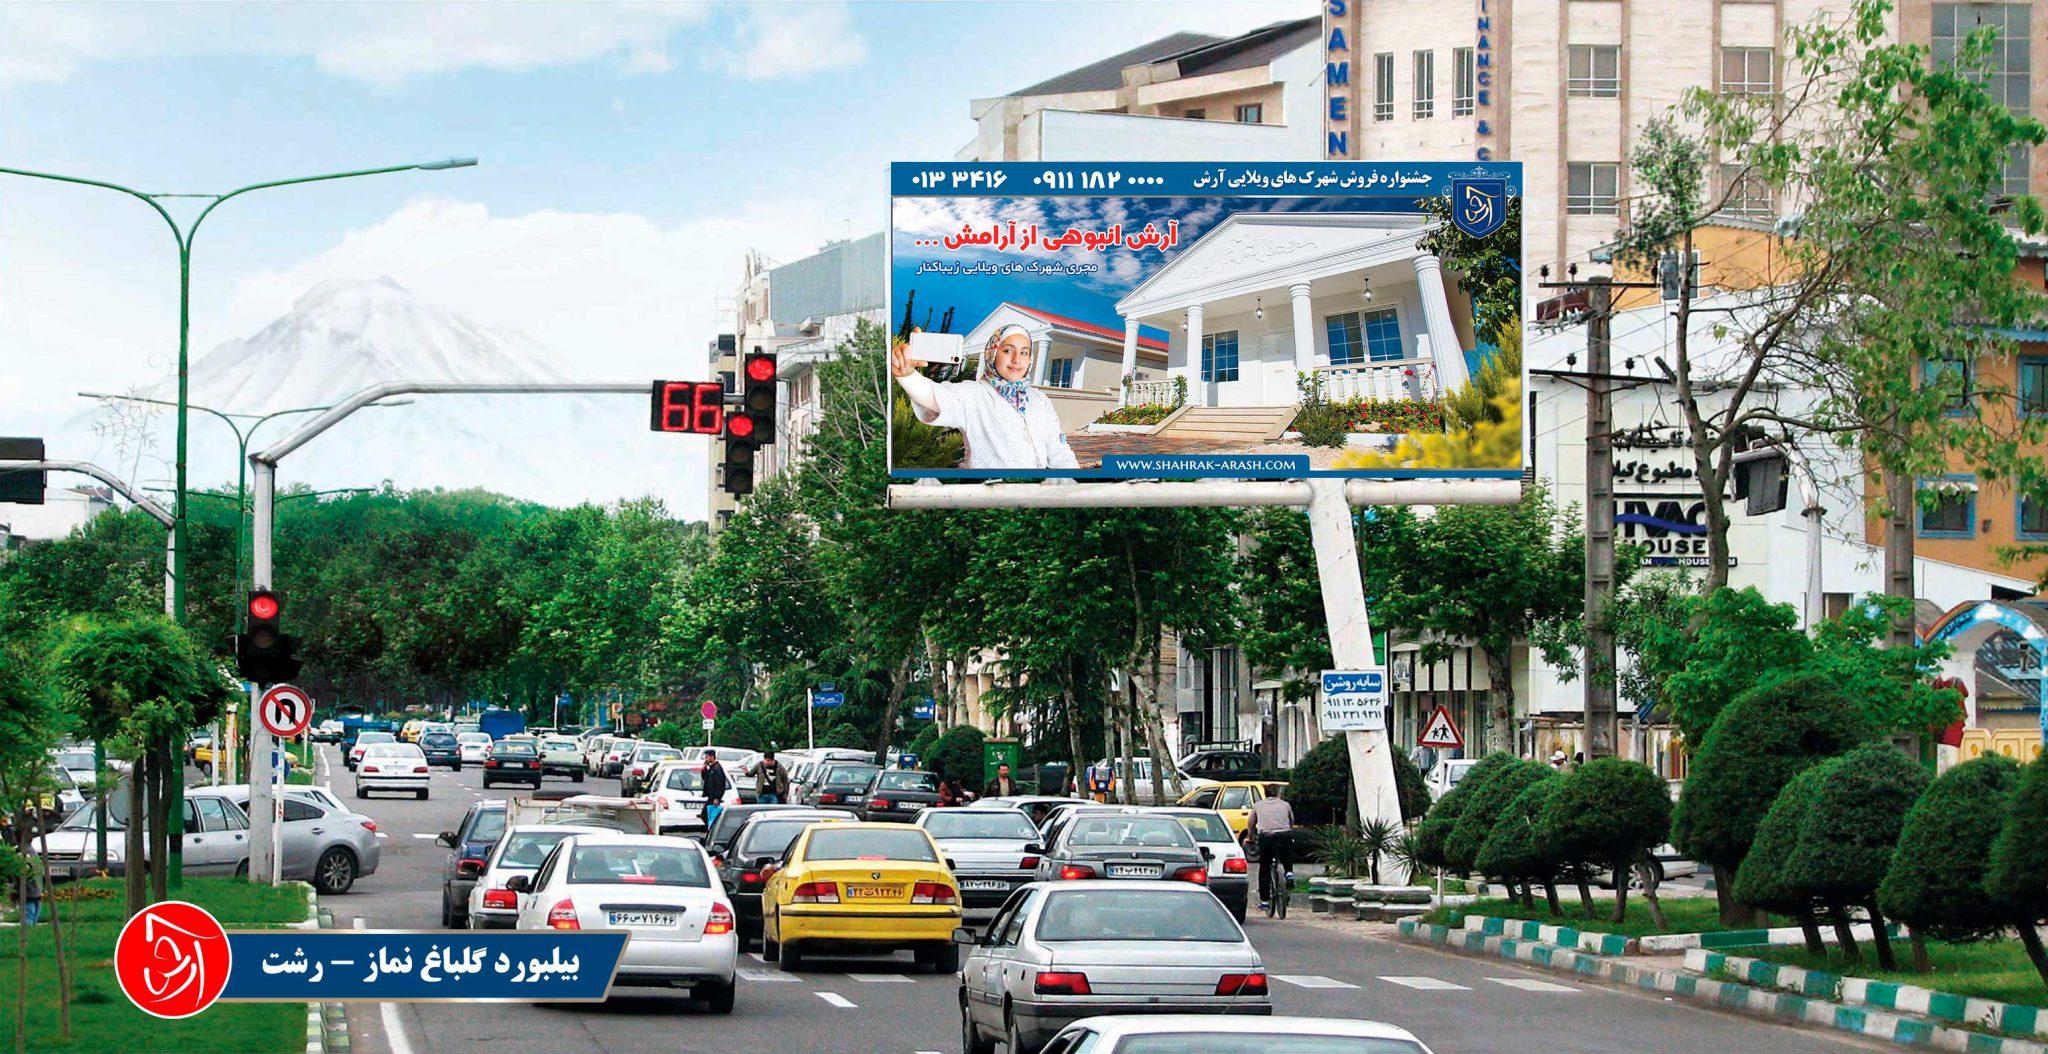 تبلیغات محیطی شرکت انبوه سازان آرش